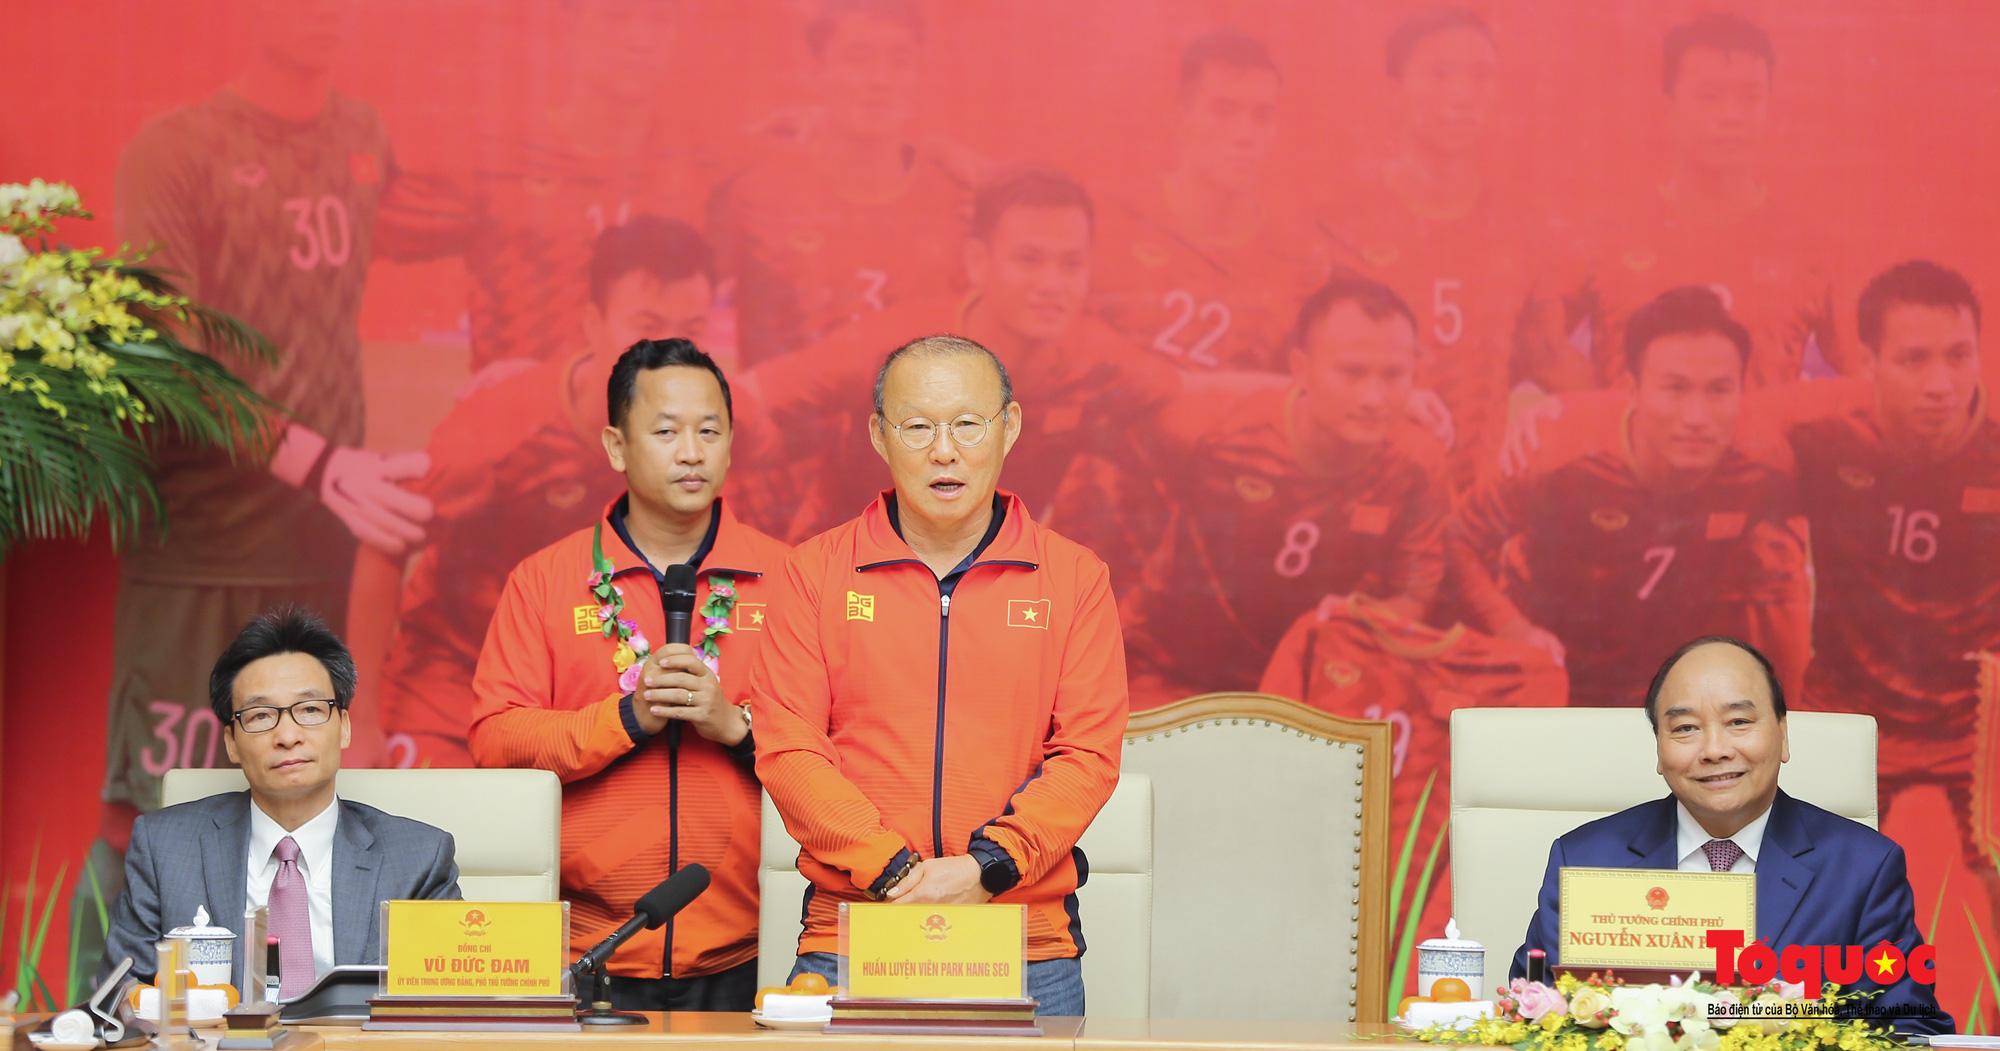 Thủ tướng Nguyễn Xuân Phúc gặp mặt thân mật các cầu thủ đội tuyển U22 Việt Nam và ĐT nữ Việt Nam - Ảnh 7.